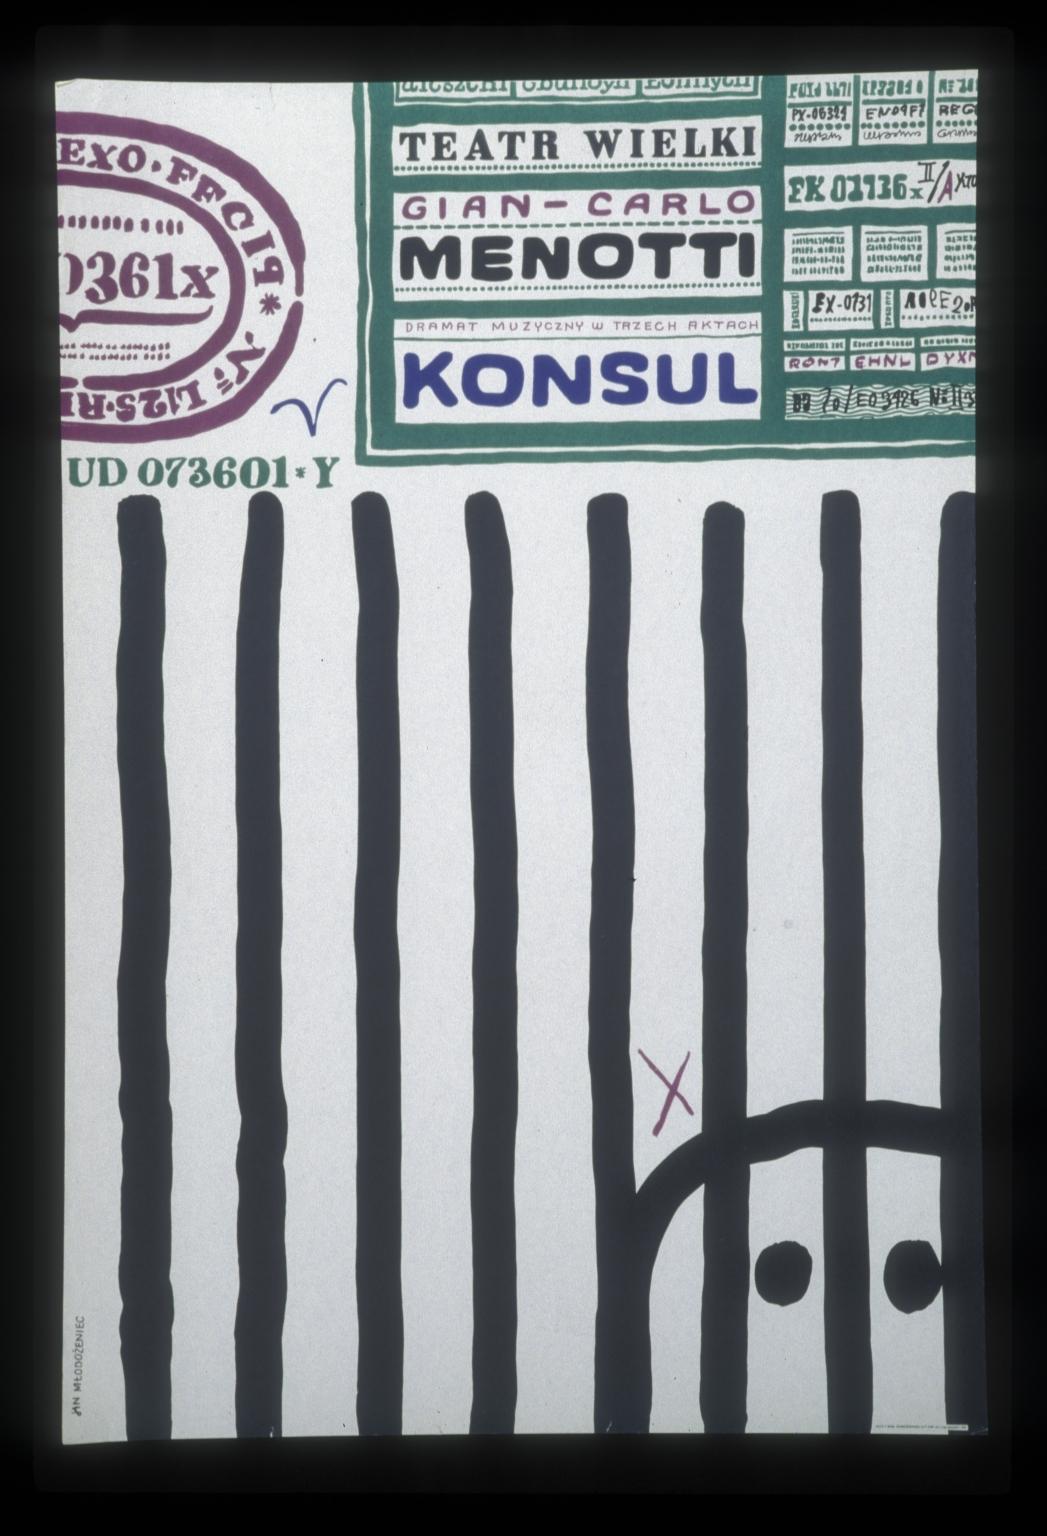 Konsul, dramat muzyczny w trzech aktach, Gian-Carlo Menotti: Teatr Wielki